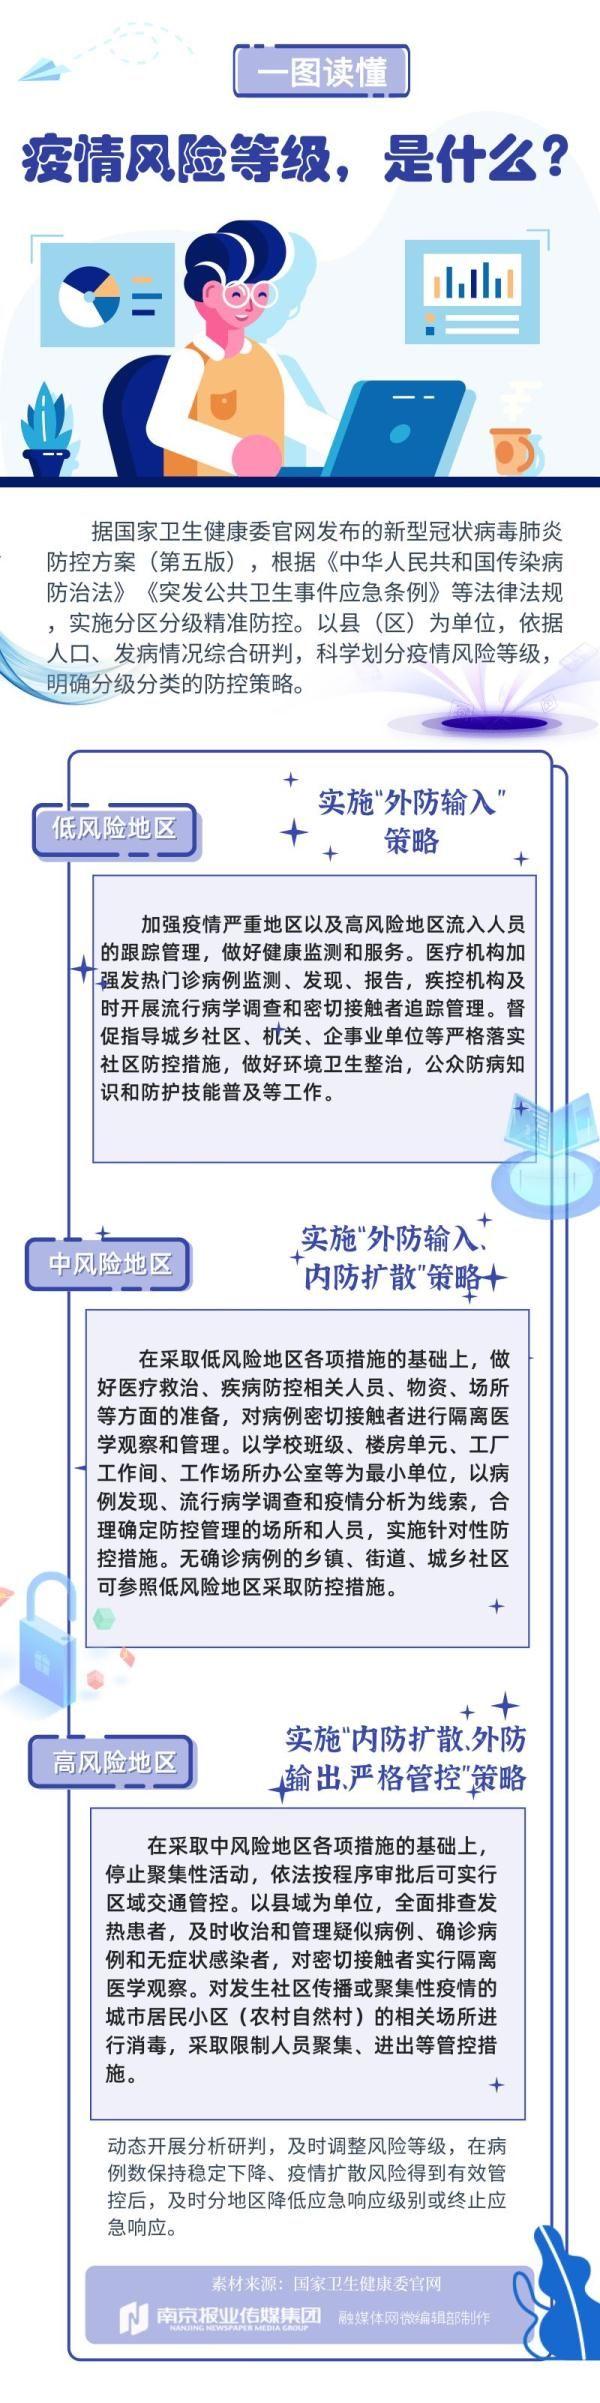 江苏及南京各区疫情风险等级最新名单